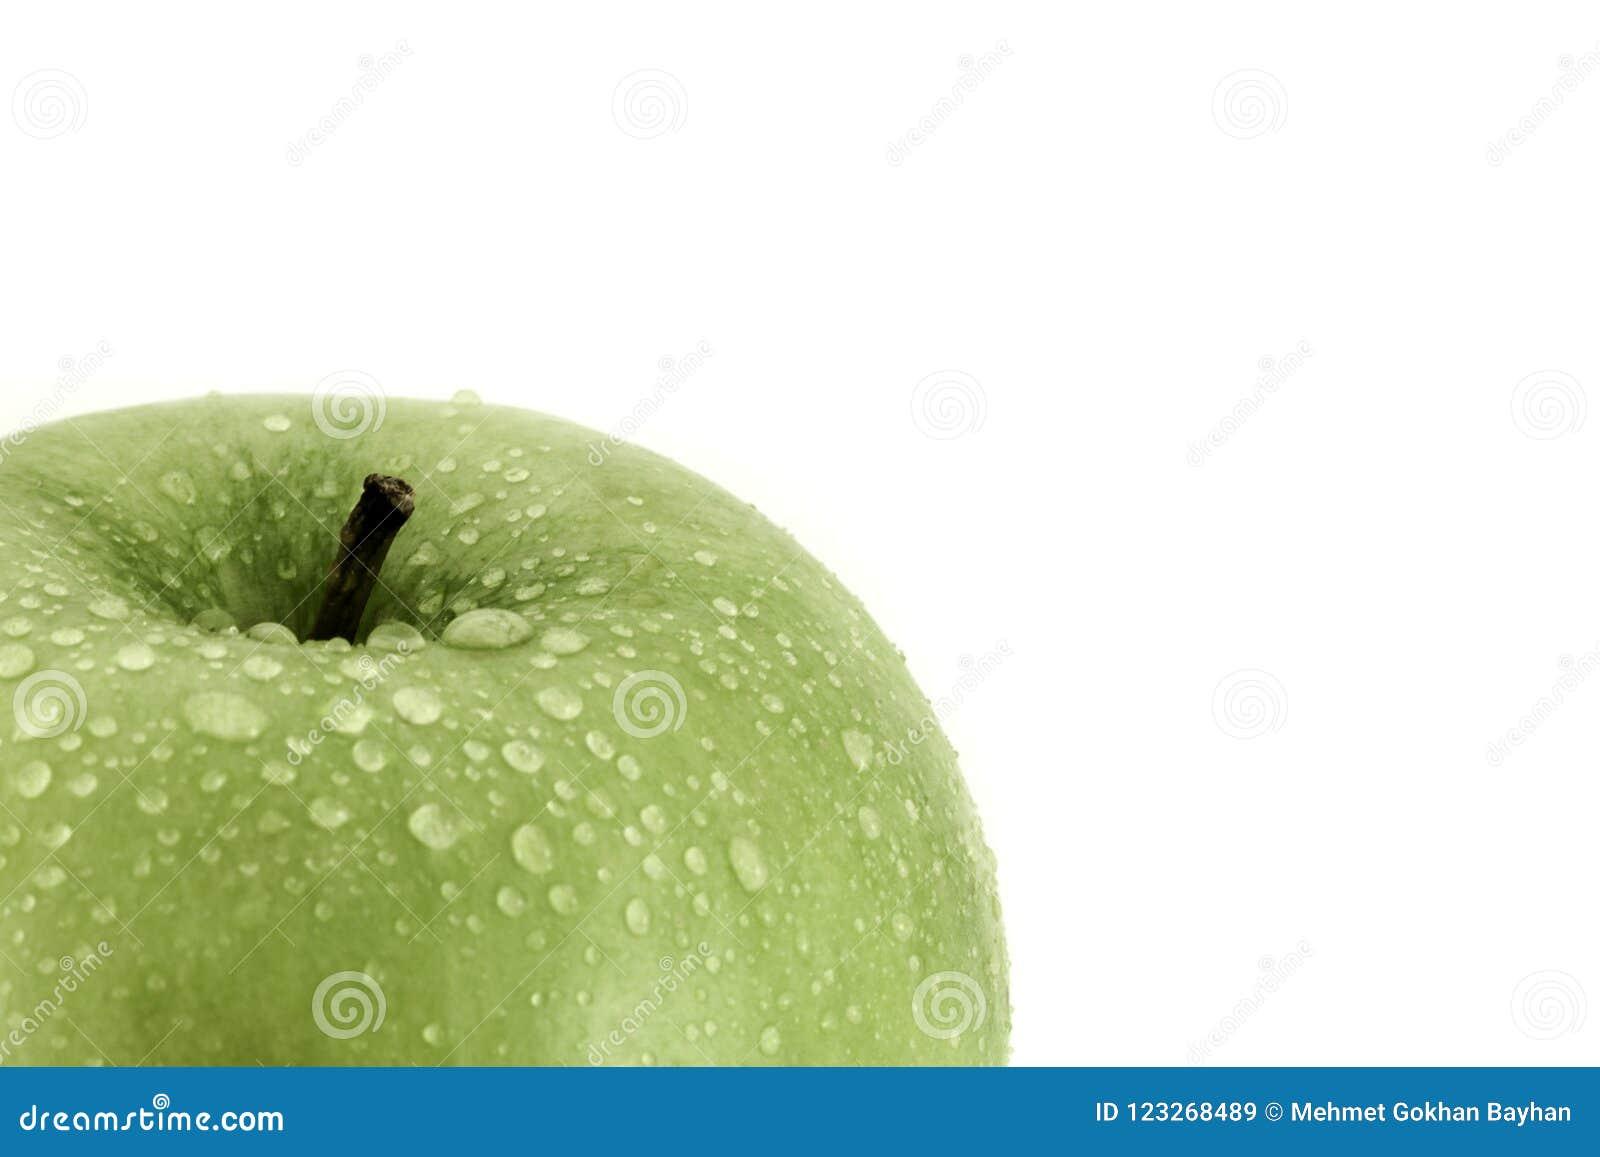 Zielony jabłko z wodnych kropelek zakończenia strzałem na bielu z kopii przestrzenią dla teksta